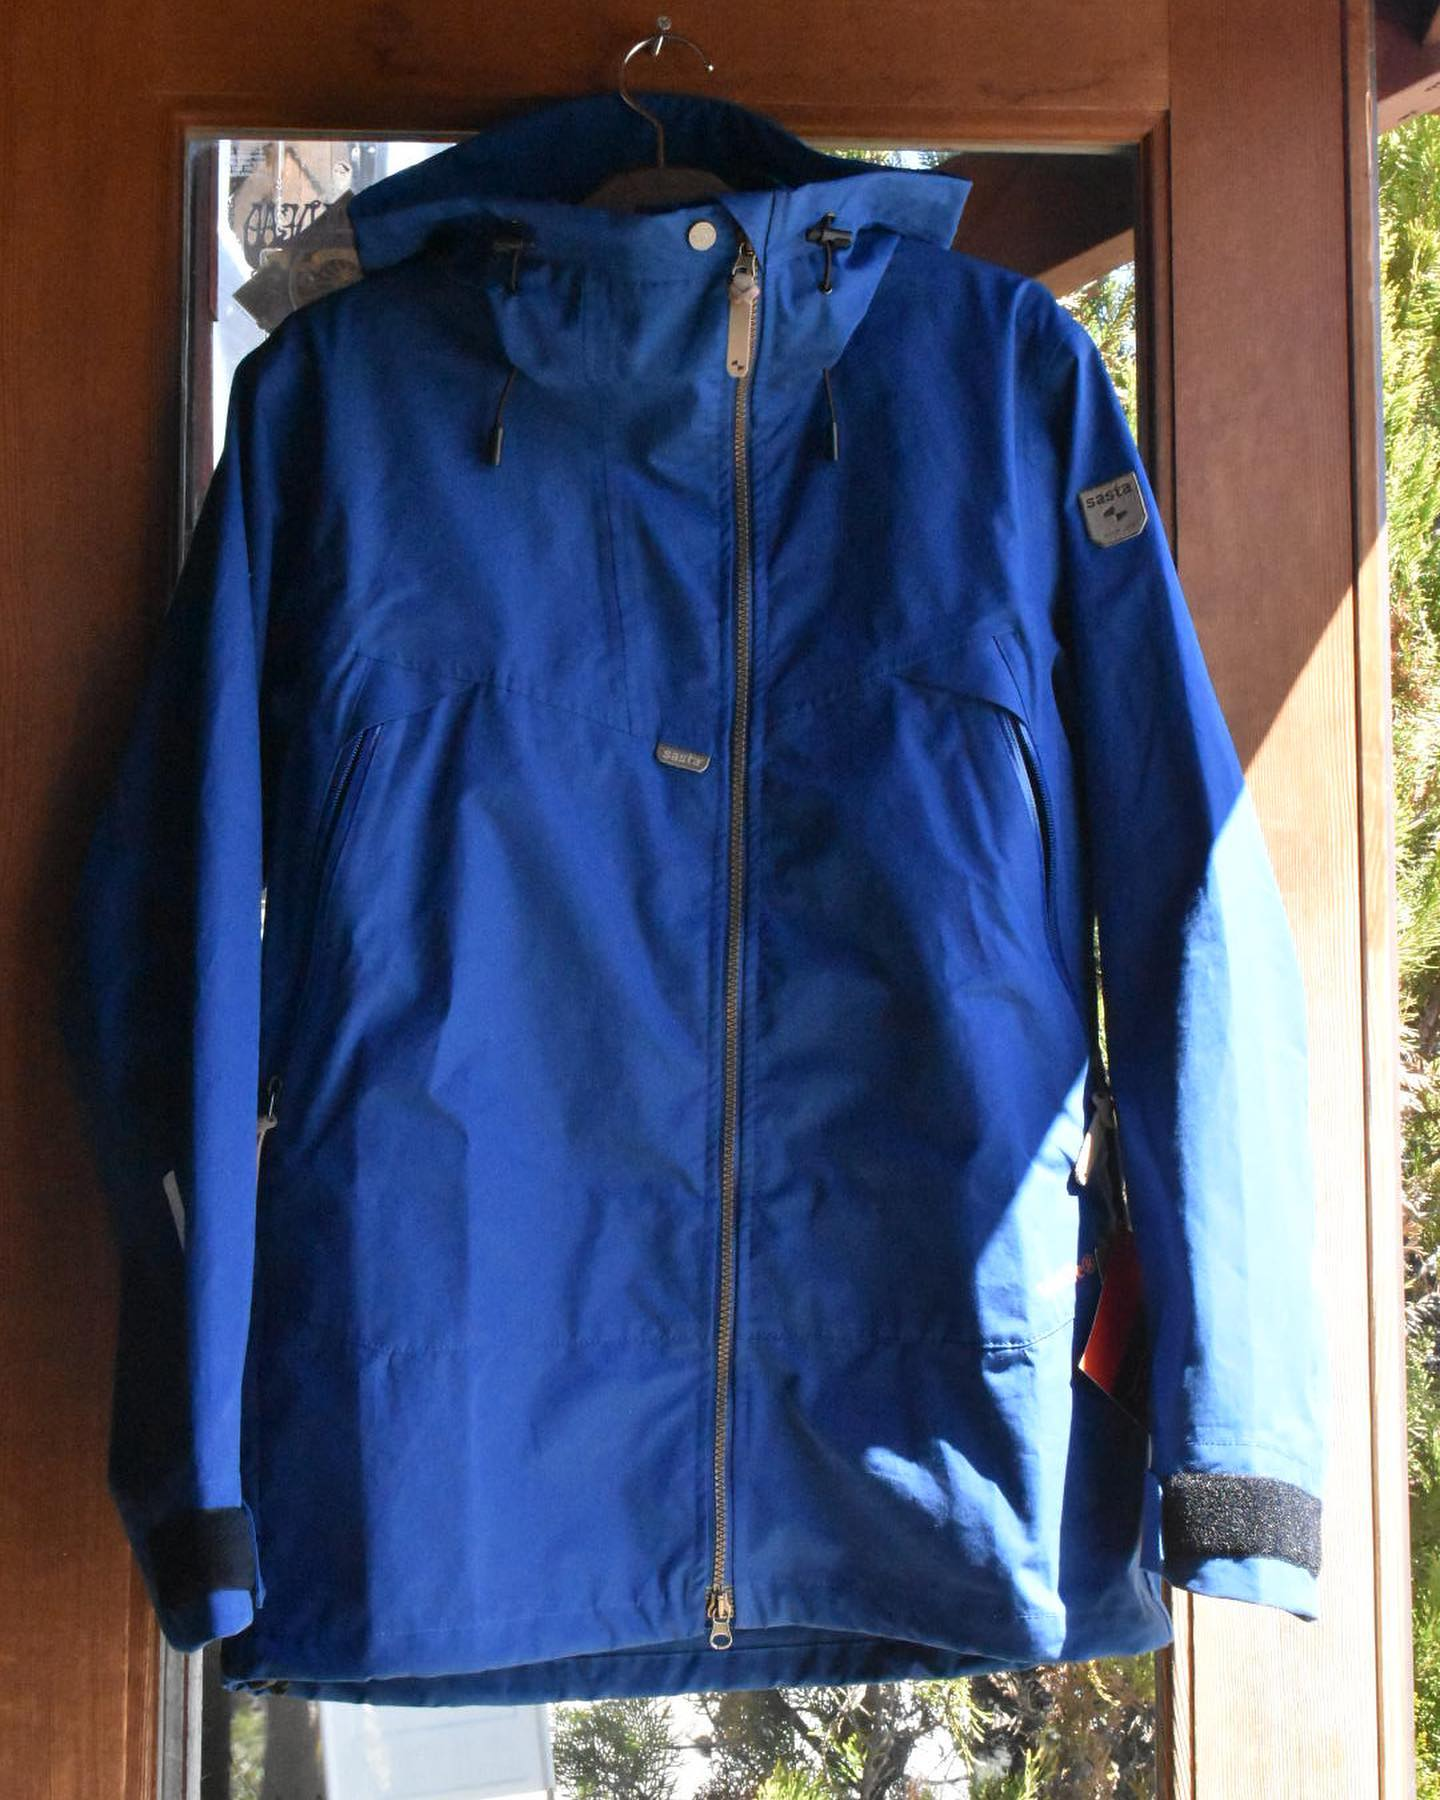 SASTAフィンランドからSASTAが八ヶ岳に上陸🇫🇮もともと、ハンティングウェアとして考えられている作りなためハードな動きに向いているウェアですが、街着も出来るオシャレなデザインとカラー。今回は天然素材のVentileで作られたペスキジャケットと、ストレッチ素材を取り入れたハイキングジャケットのヴォーツァジャケット。女性用のファウナジャケット。どれもヘビーユース間違いないアイテムとなりますこれからのフィールドユース、タウンユースにSASTAを!#sasta #finland #ハンティングジャケット #ハイキング #アウトドア #キャンプ #普段使い #フィールドユース#タウンユース #アウトドアアパレル #アパレル #焚火 #八ヶ岳の薪ストーブ専門店 #ストーブハウス原村 #八ヶ岳 #原村 #富士見 #蓼科